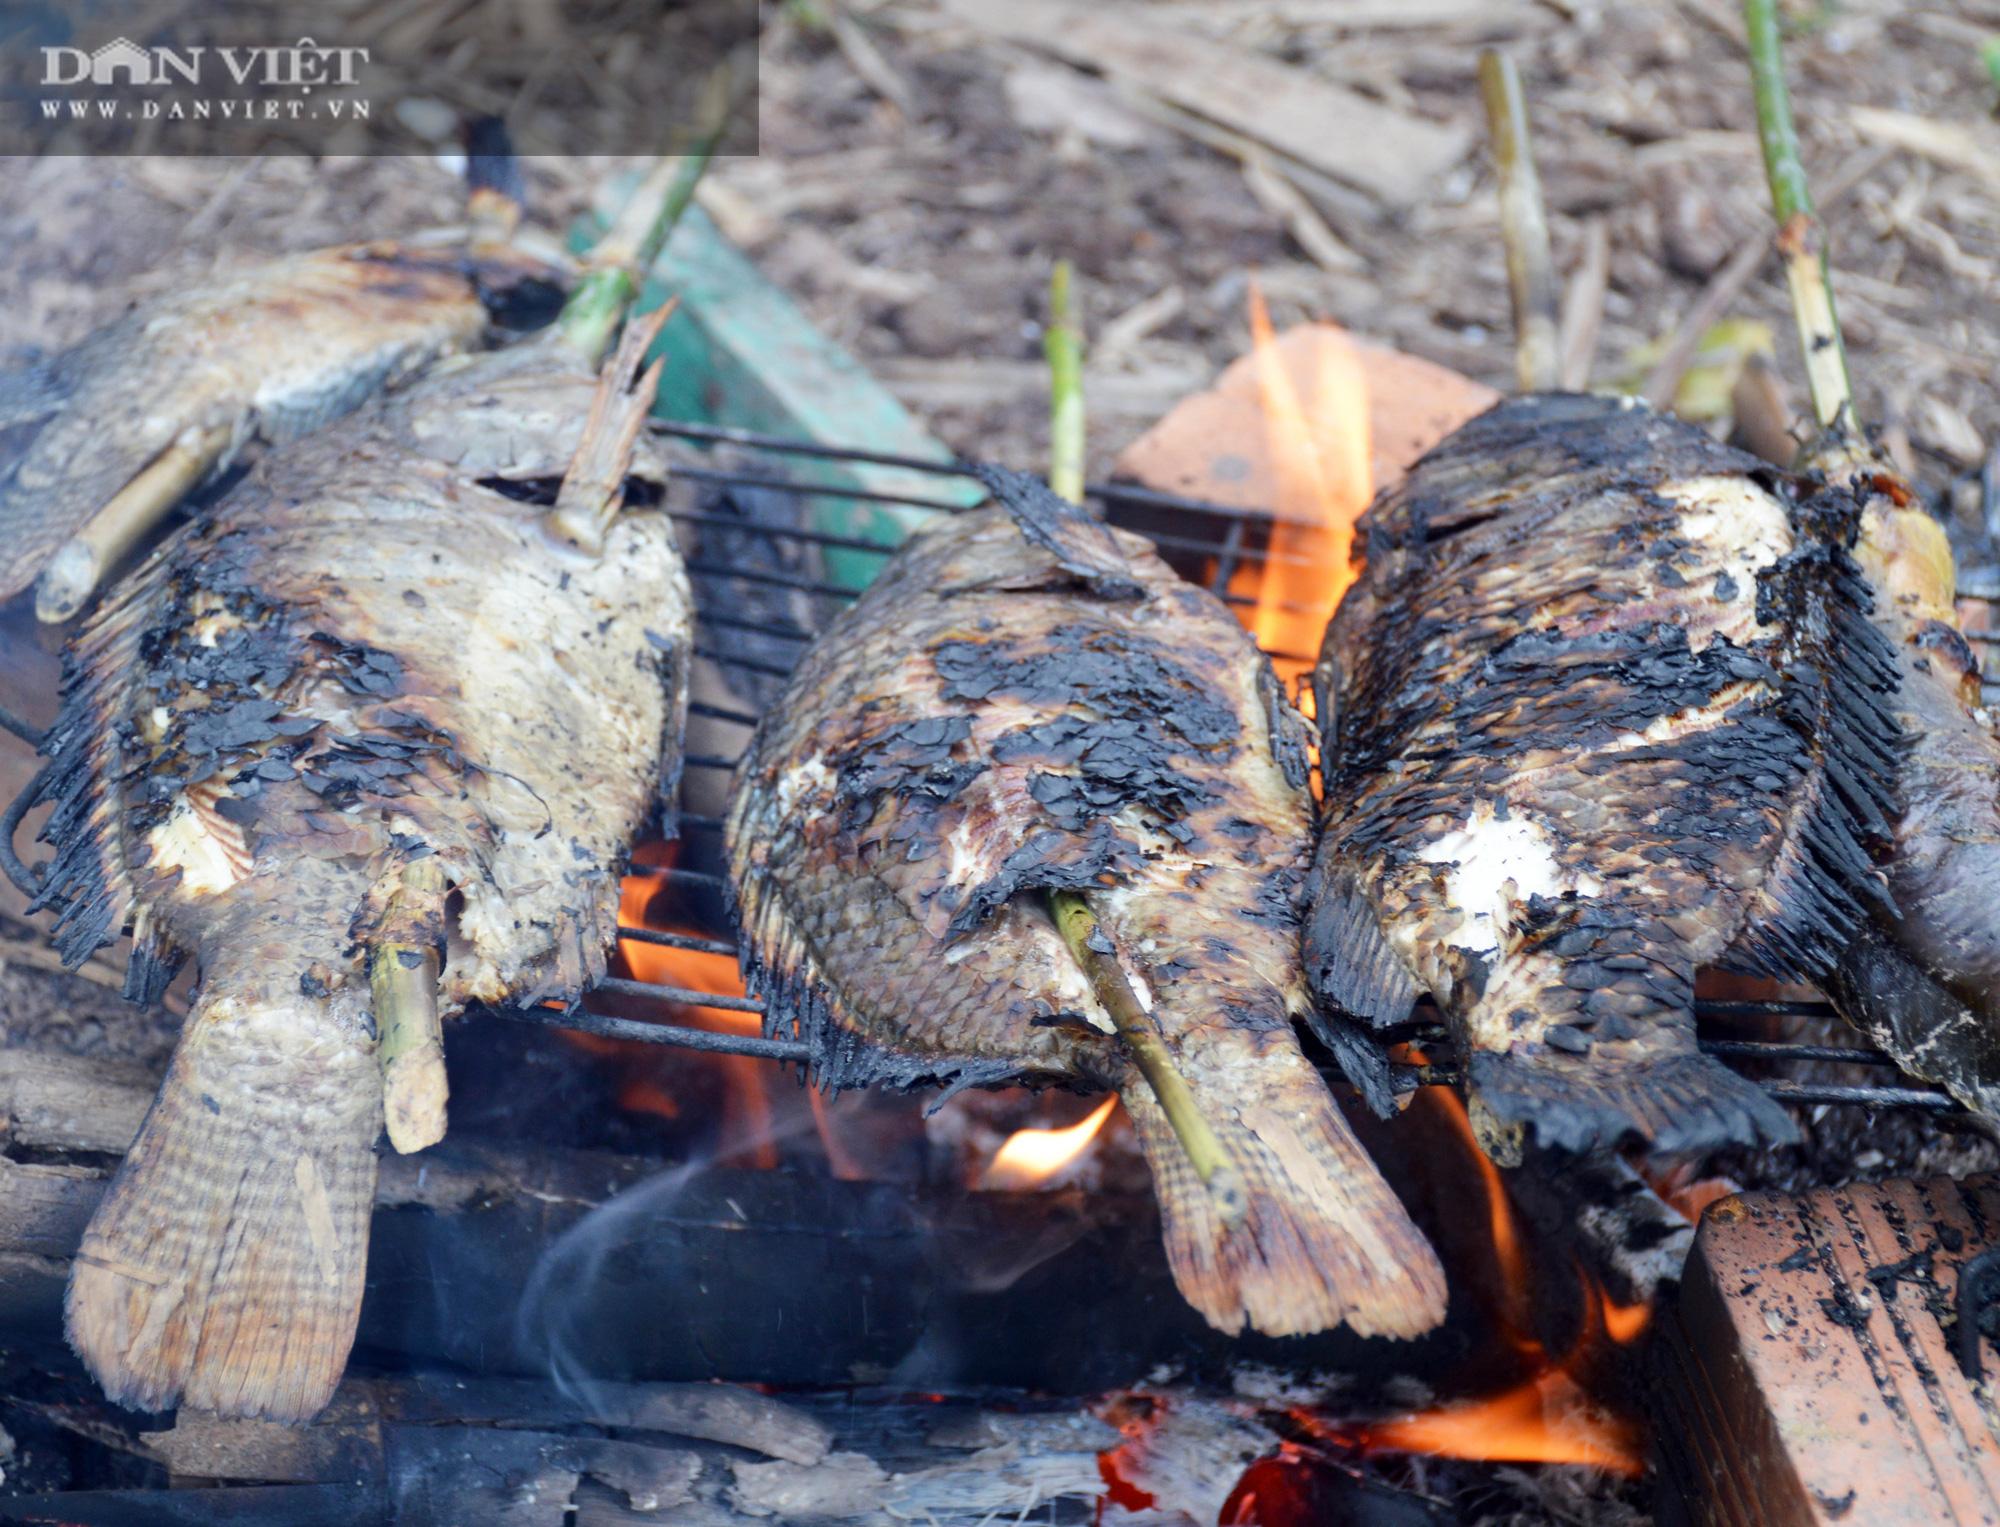 Về Cà Mau tát đìa bắt cá đồng to bự mang nướng than giữa đồng - Ảnh 24.